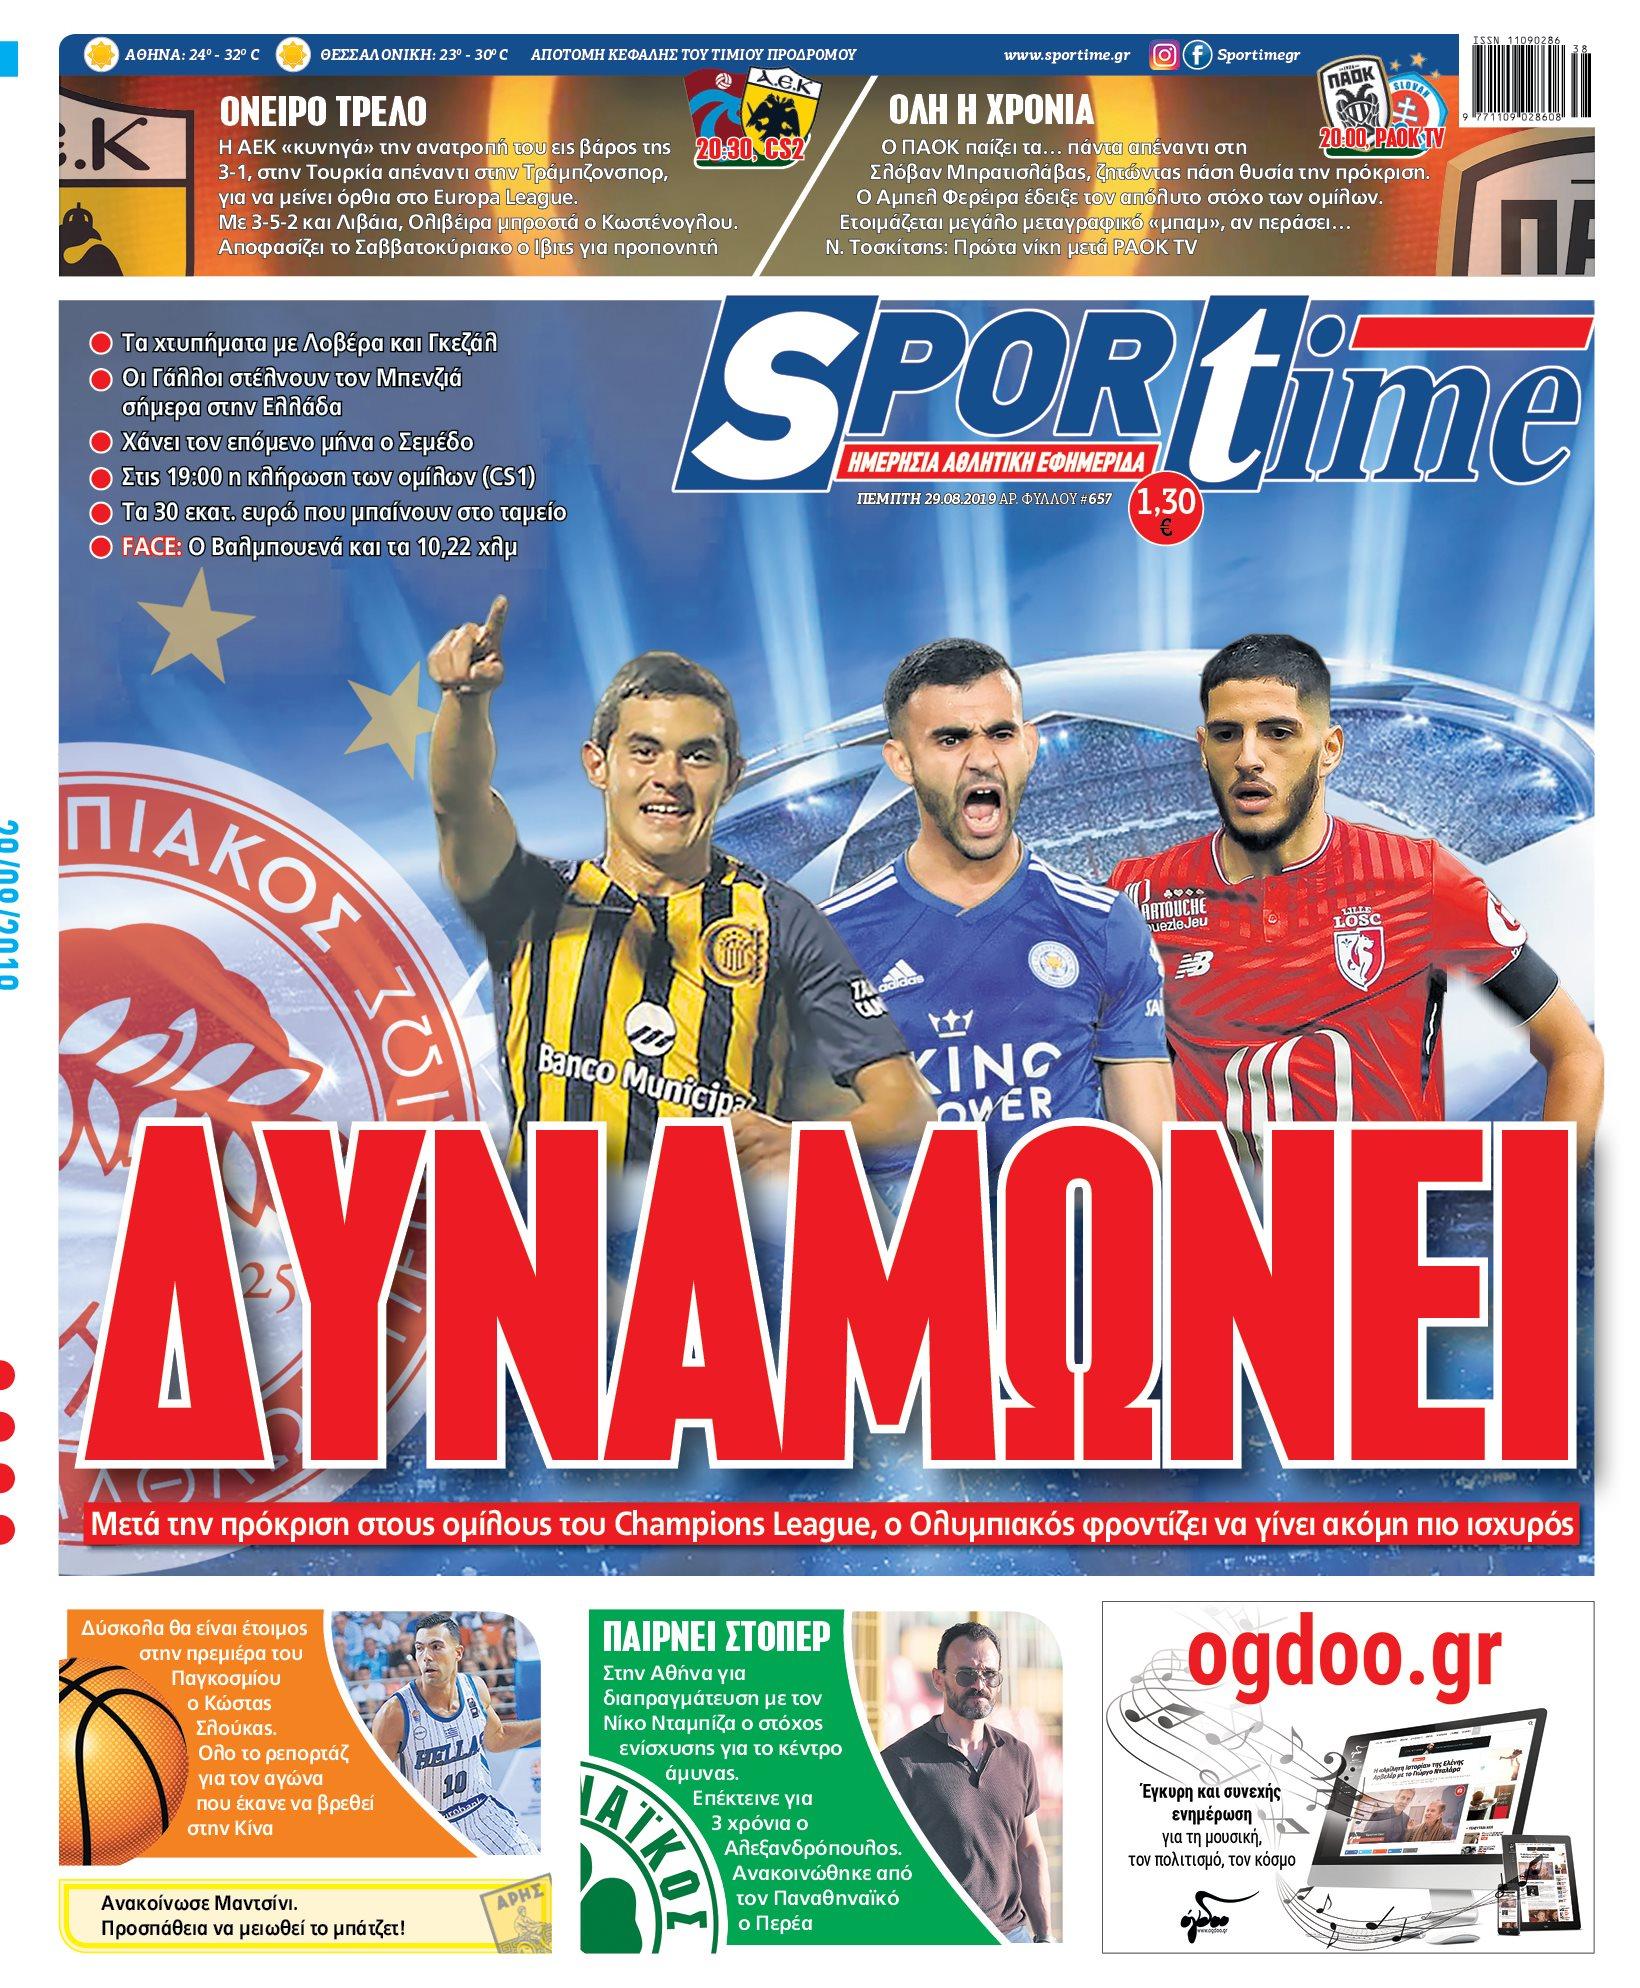 Εφημερίδα SPORTIME - Εξώφυλλο φύλλου 29/8/2019